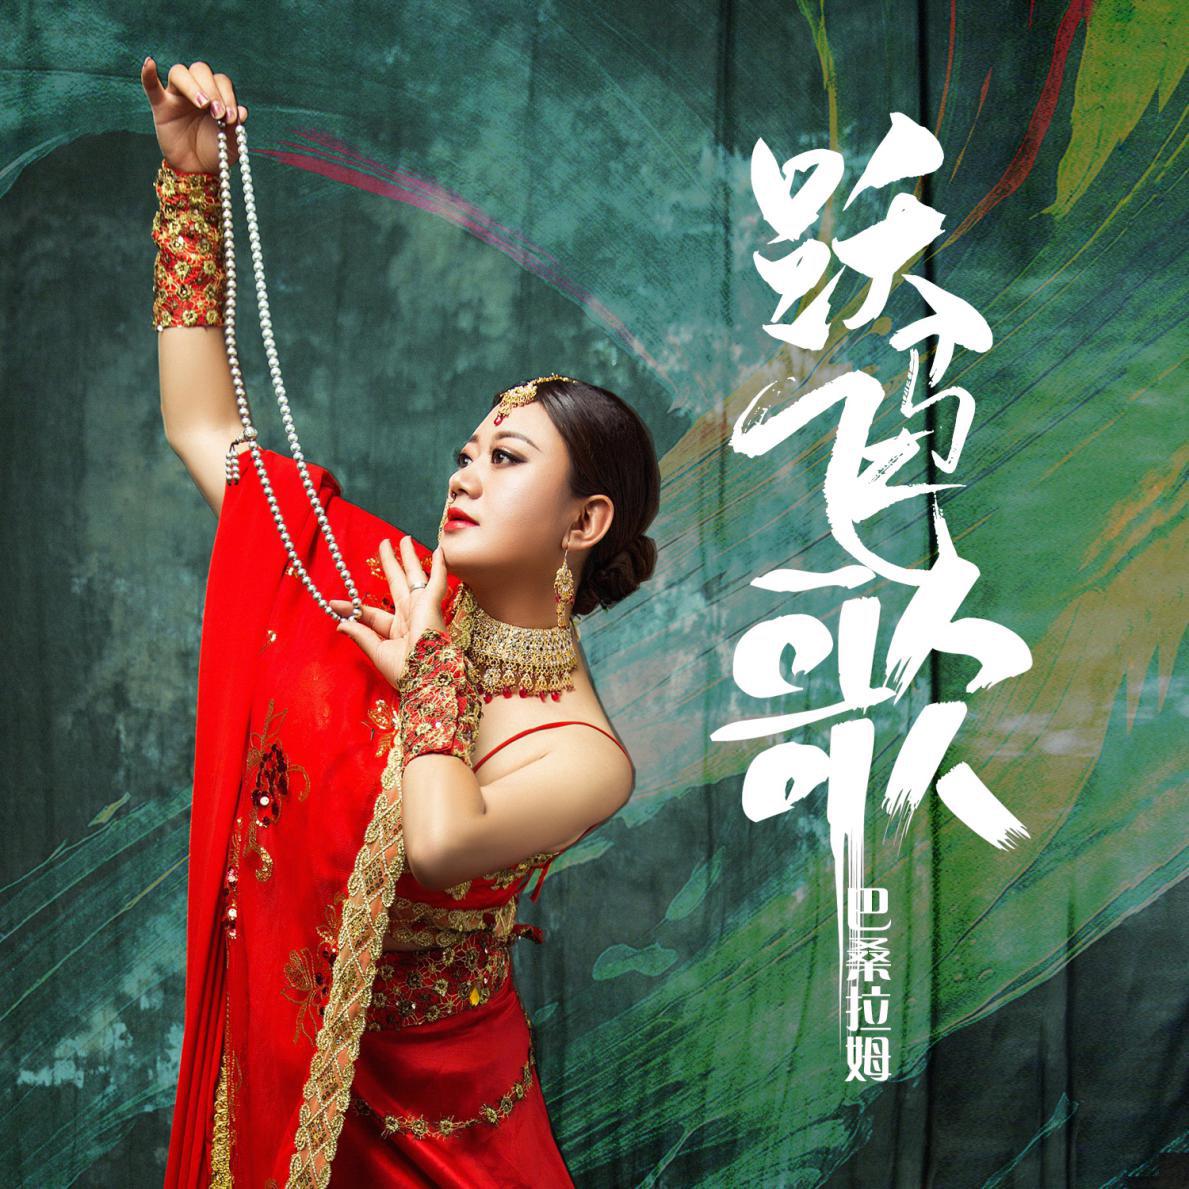 藏族女歌手巴桑拉姆新歌《跃马飞歌》上线